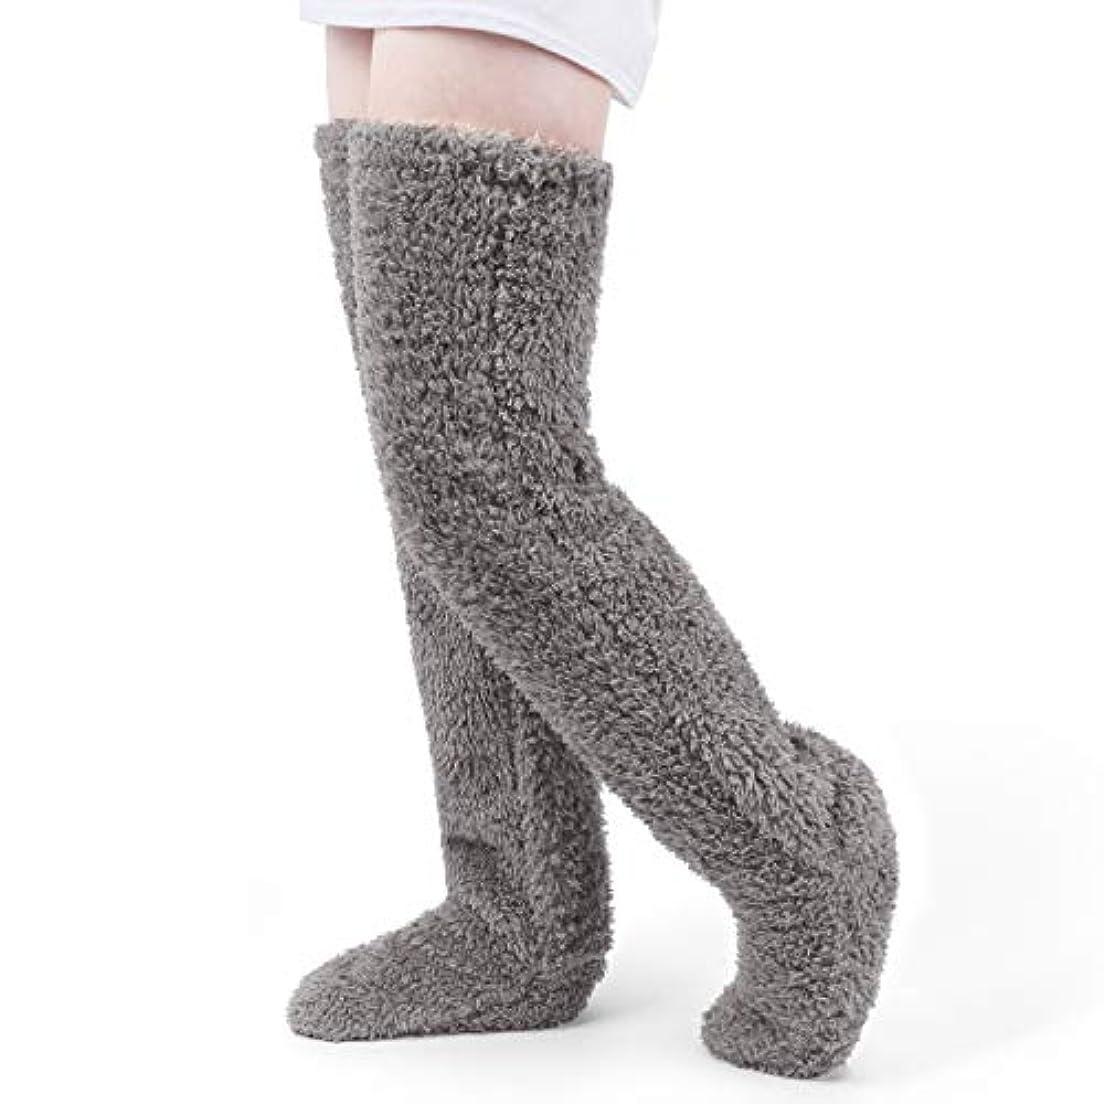 ジャズ残高ワゴン極暖 足が出せるロングカバー HIMETSUYA ルームシューズ ルームソックス あったかグッズ ロングカバー 冷え性 靴下 ソックス 足の大きさ23~26.5cmまで (グレー)